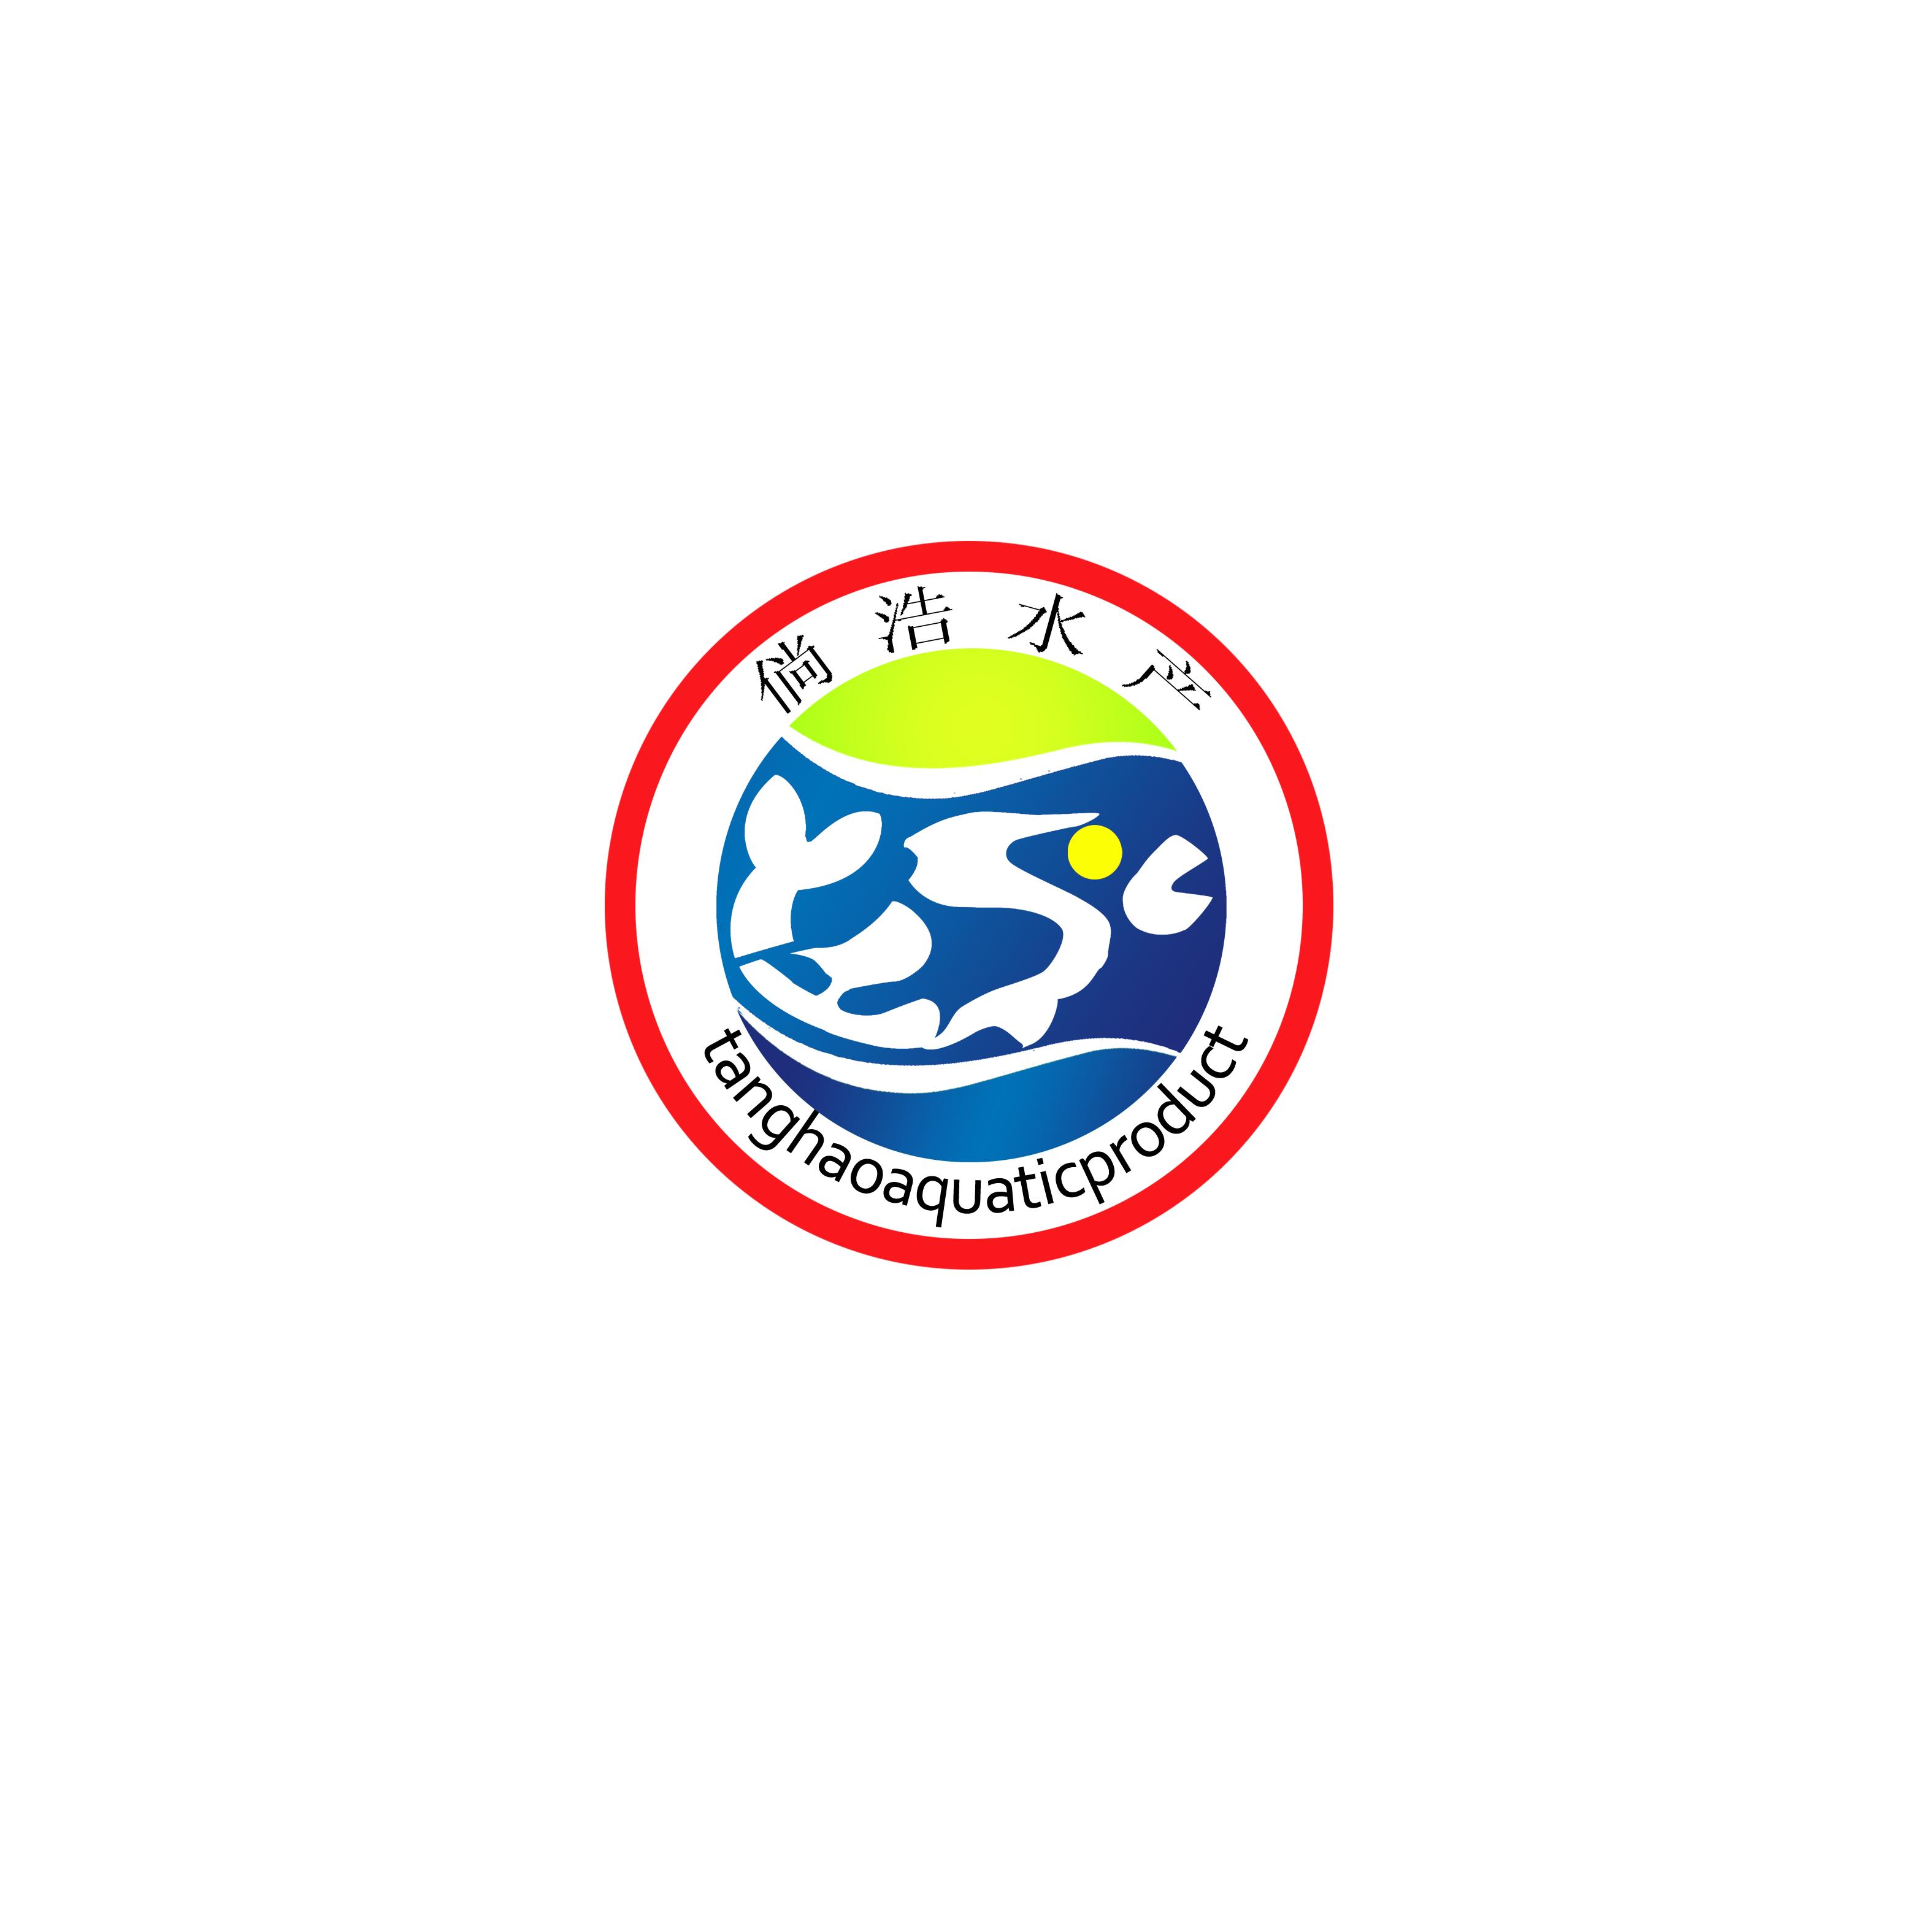 昆明理工大学校徽矢量图